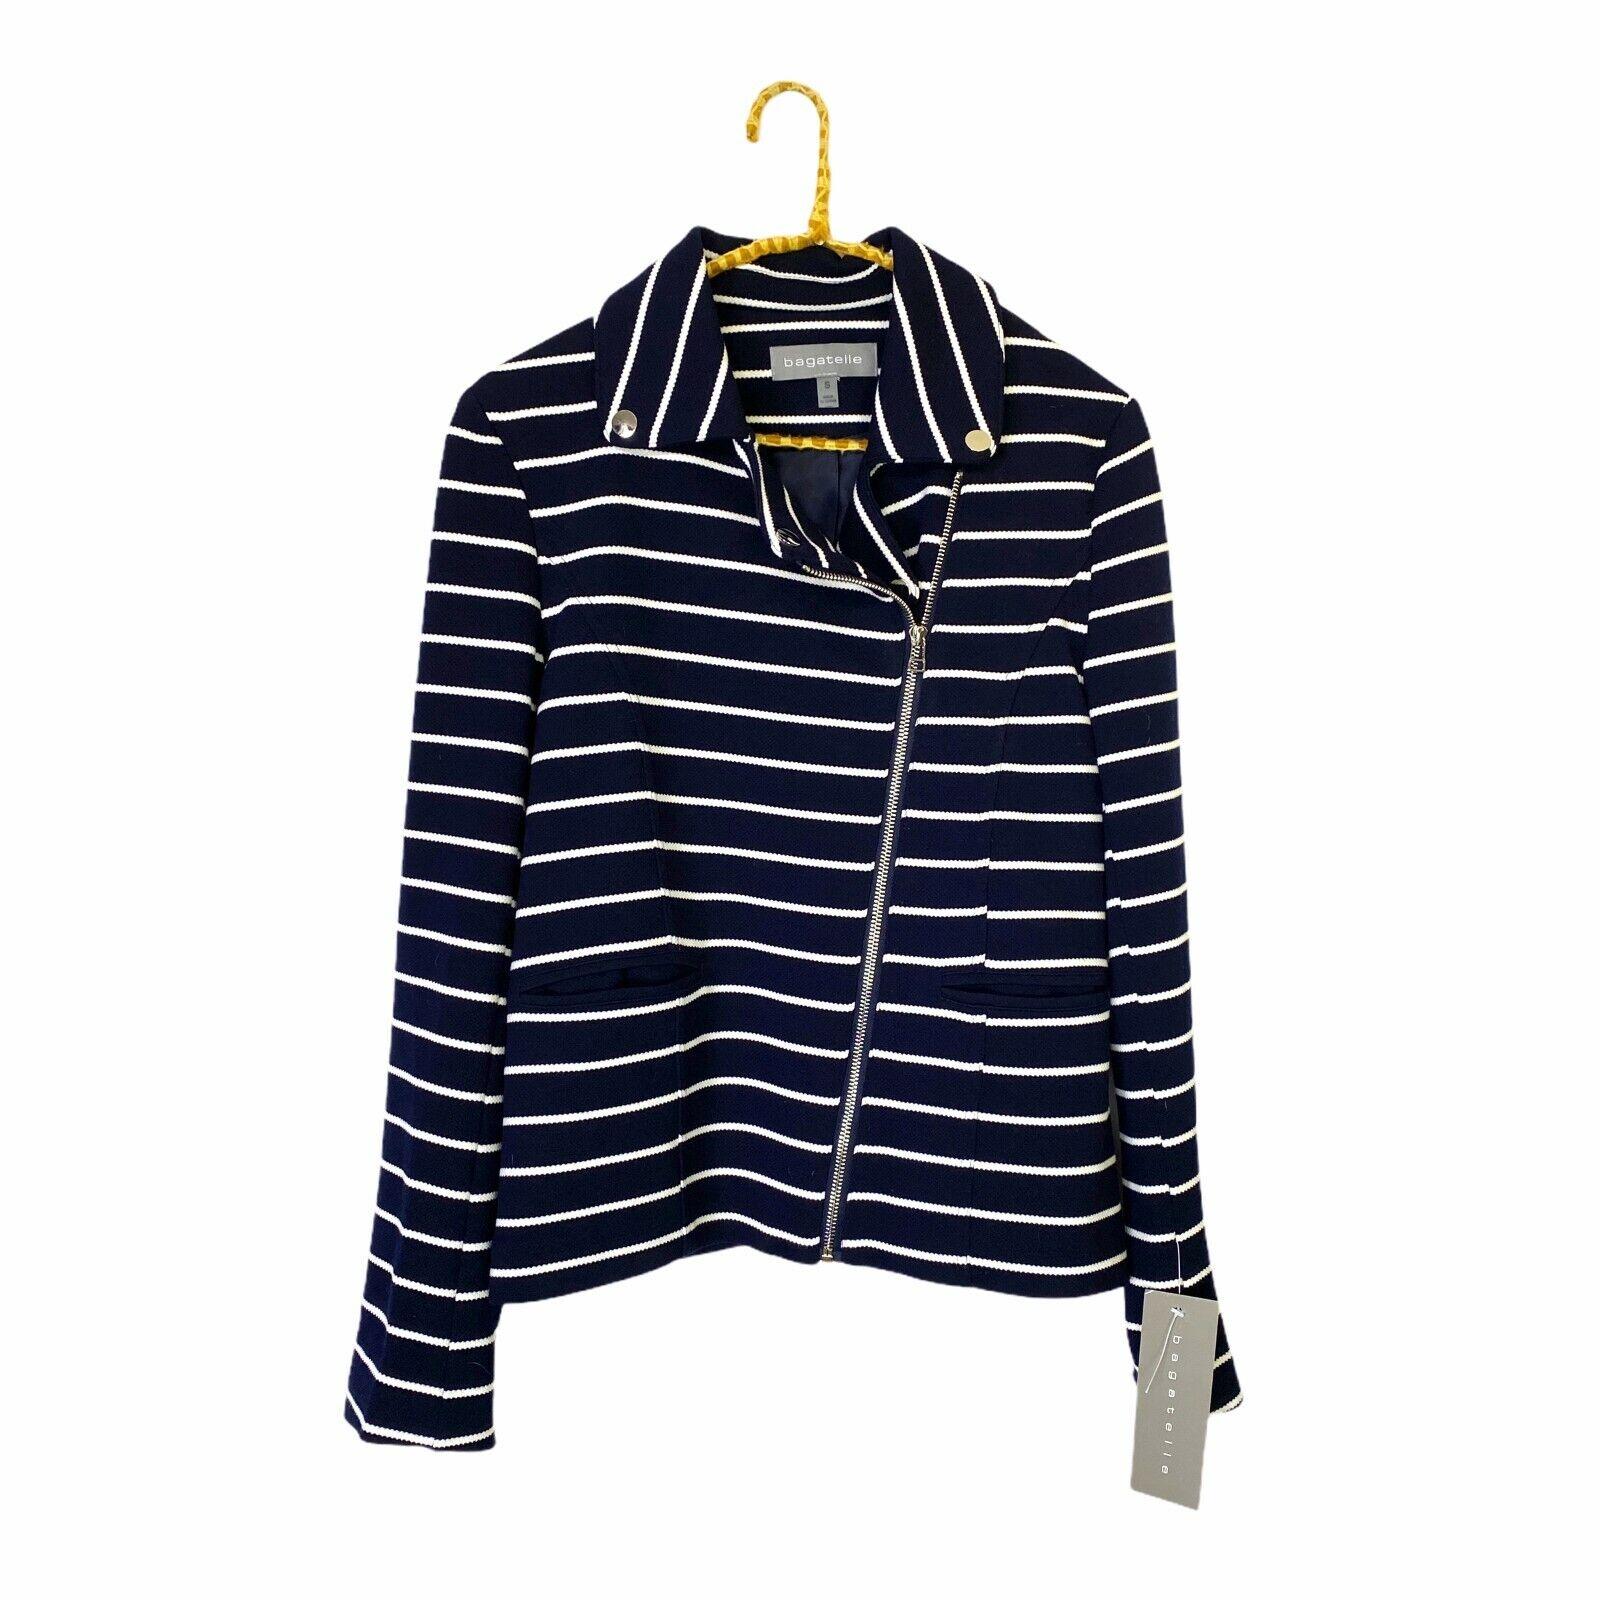 Bagatelle Navy Blue White Striped Stripes Nautical Moto Jacket NWT Size Small